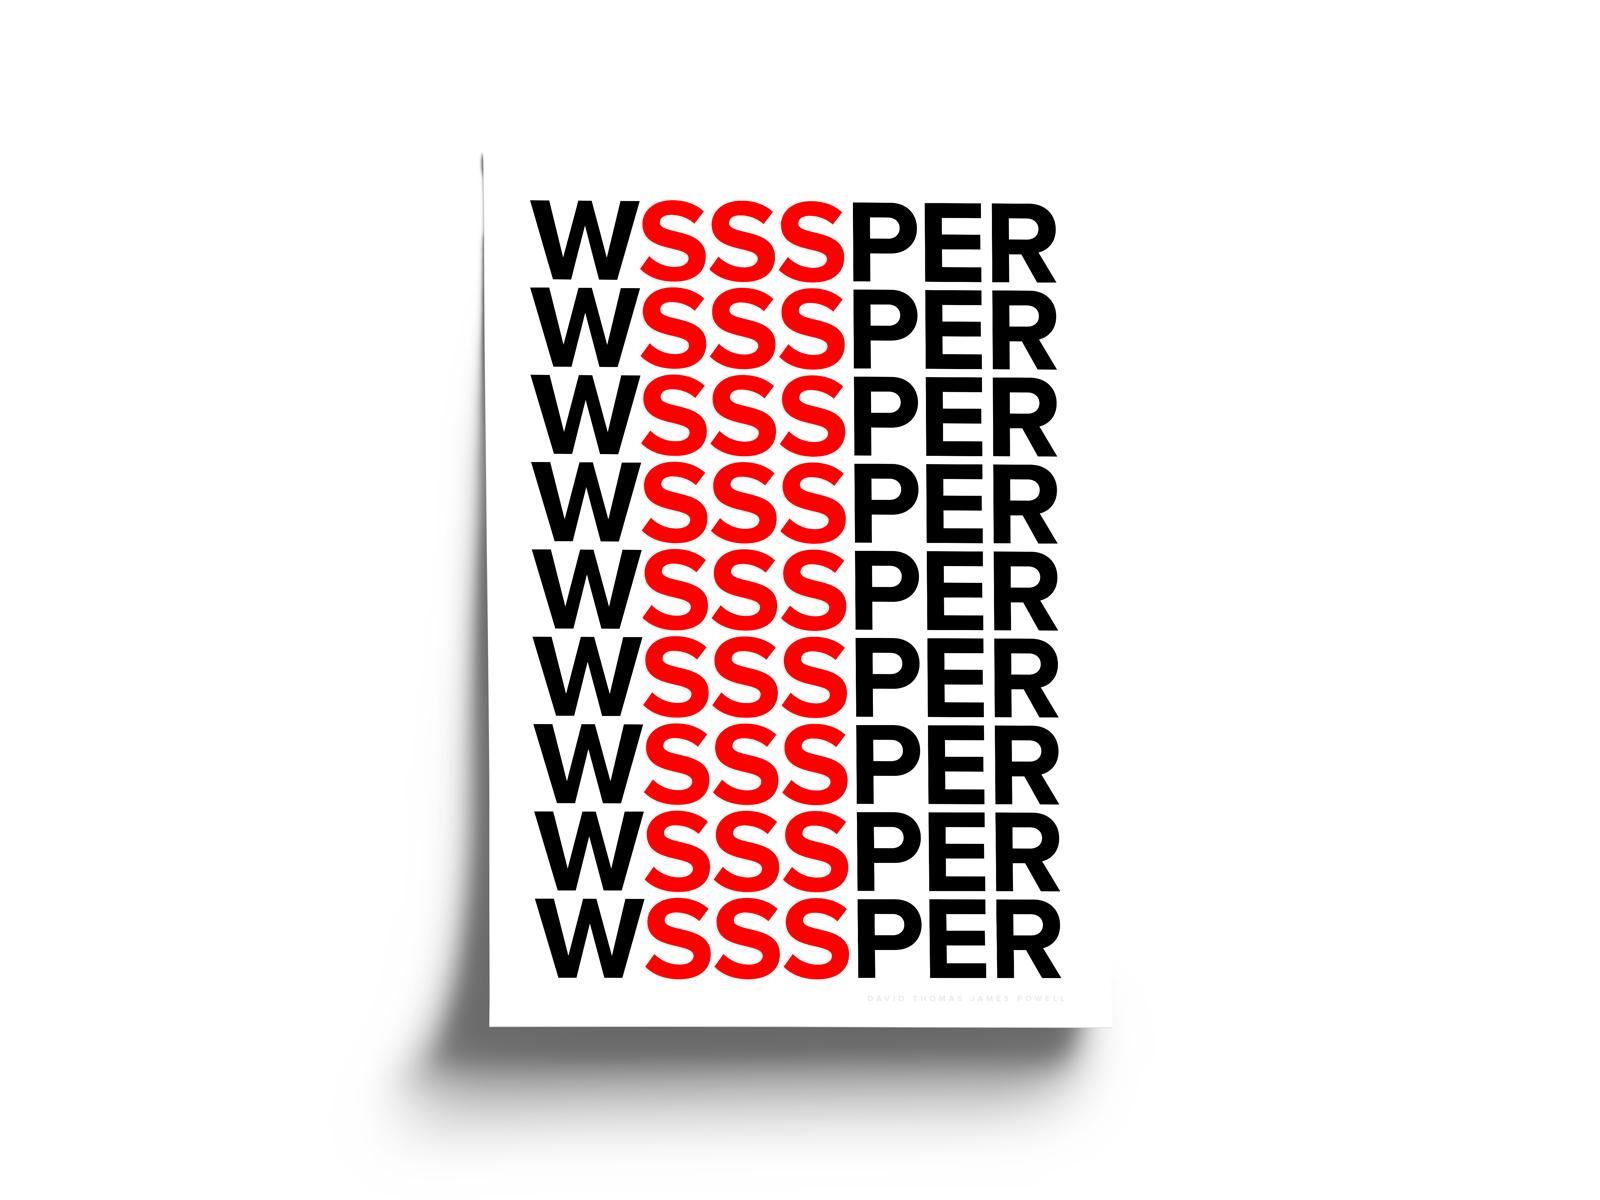 Whisper_1600